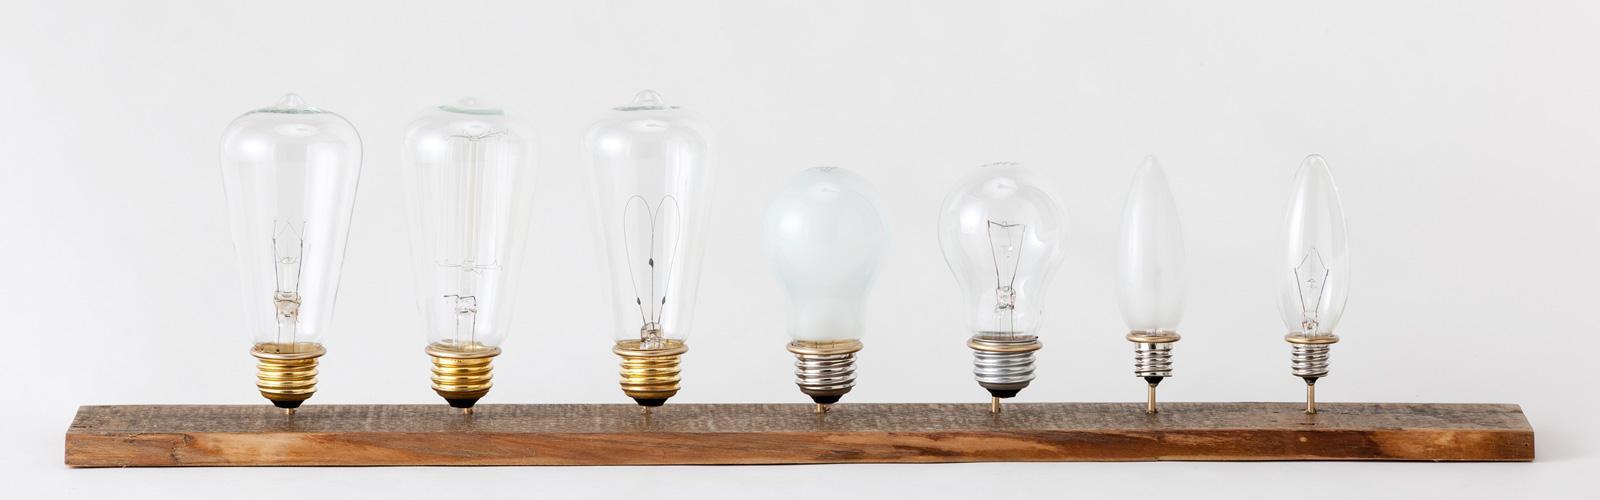 incandescentlamps-halfのイメージ